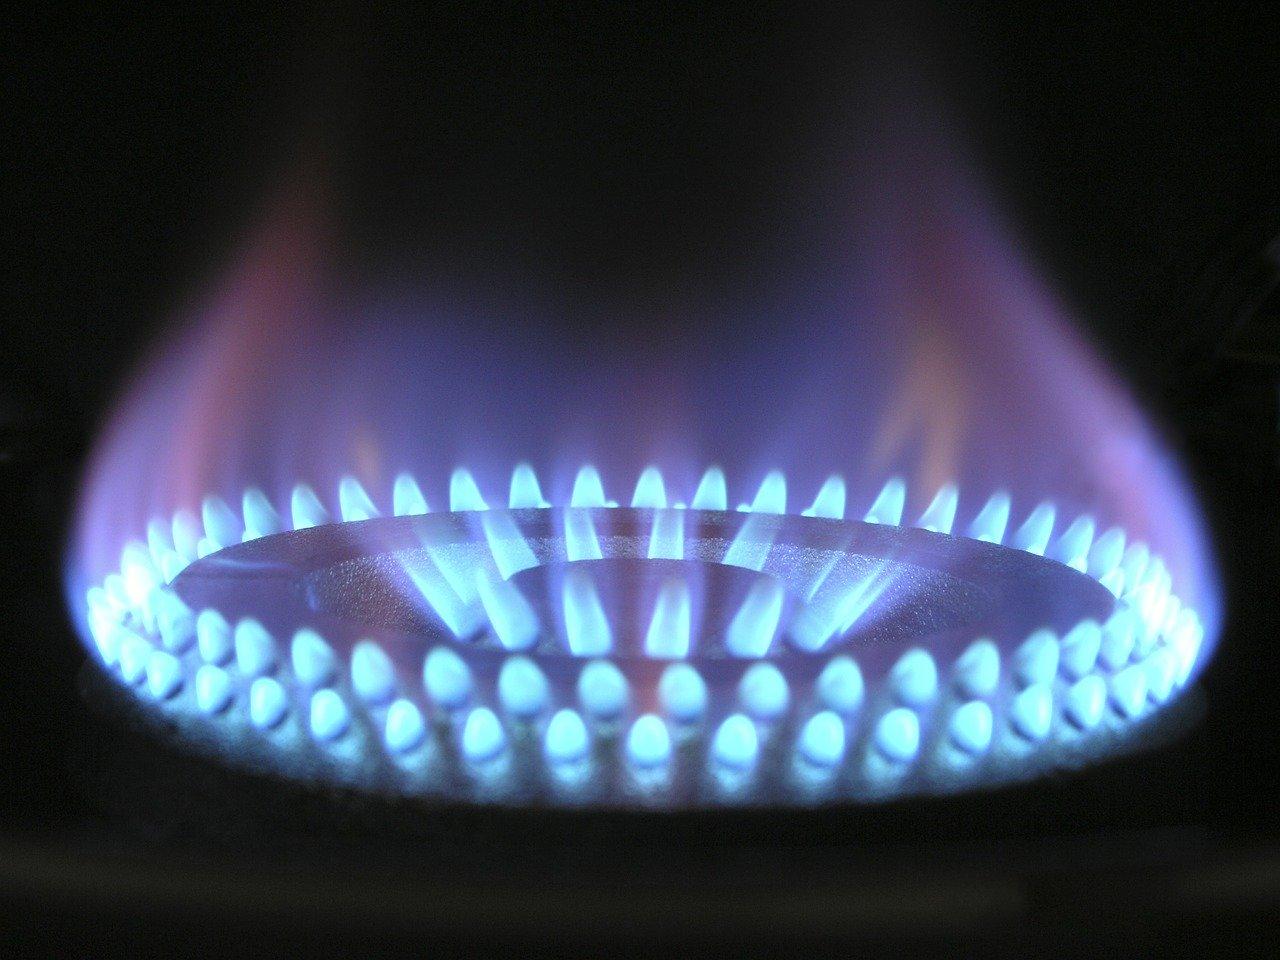 ガス設備に関する問題 「賃貸不動産経営管理士」の試験まで82日② 平成30年の過去問 問30